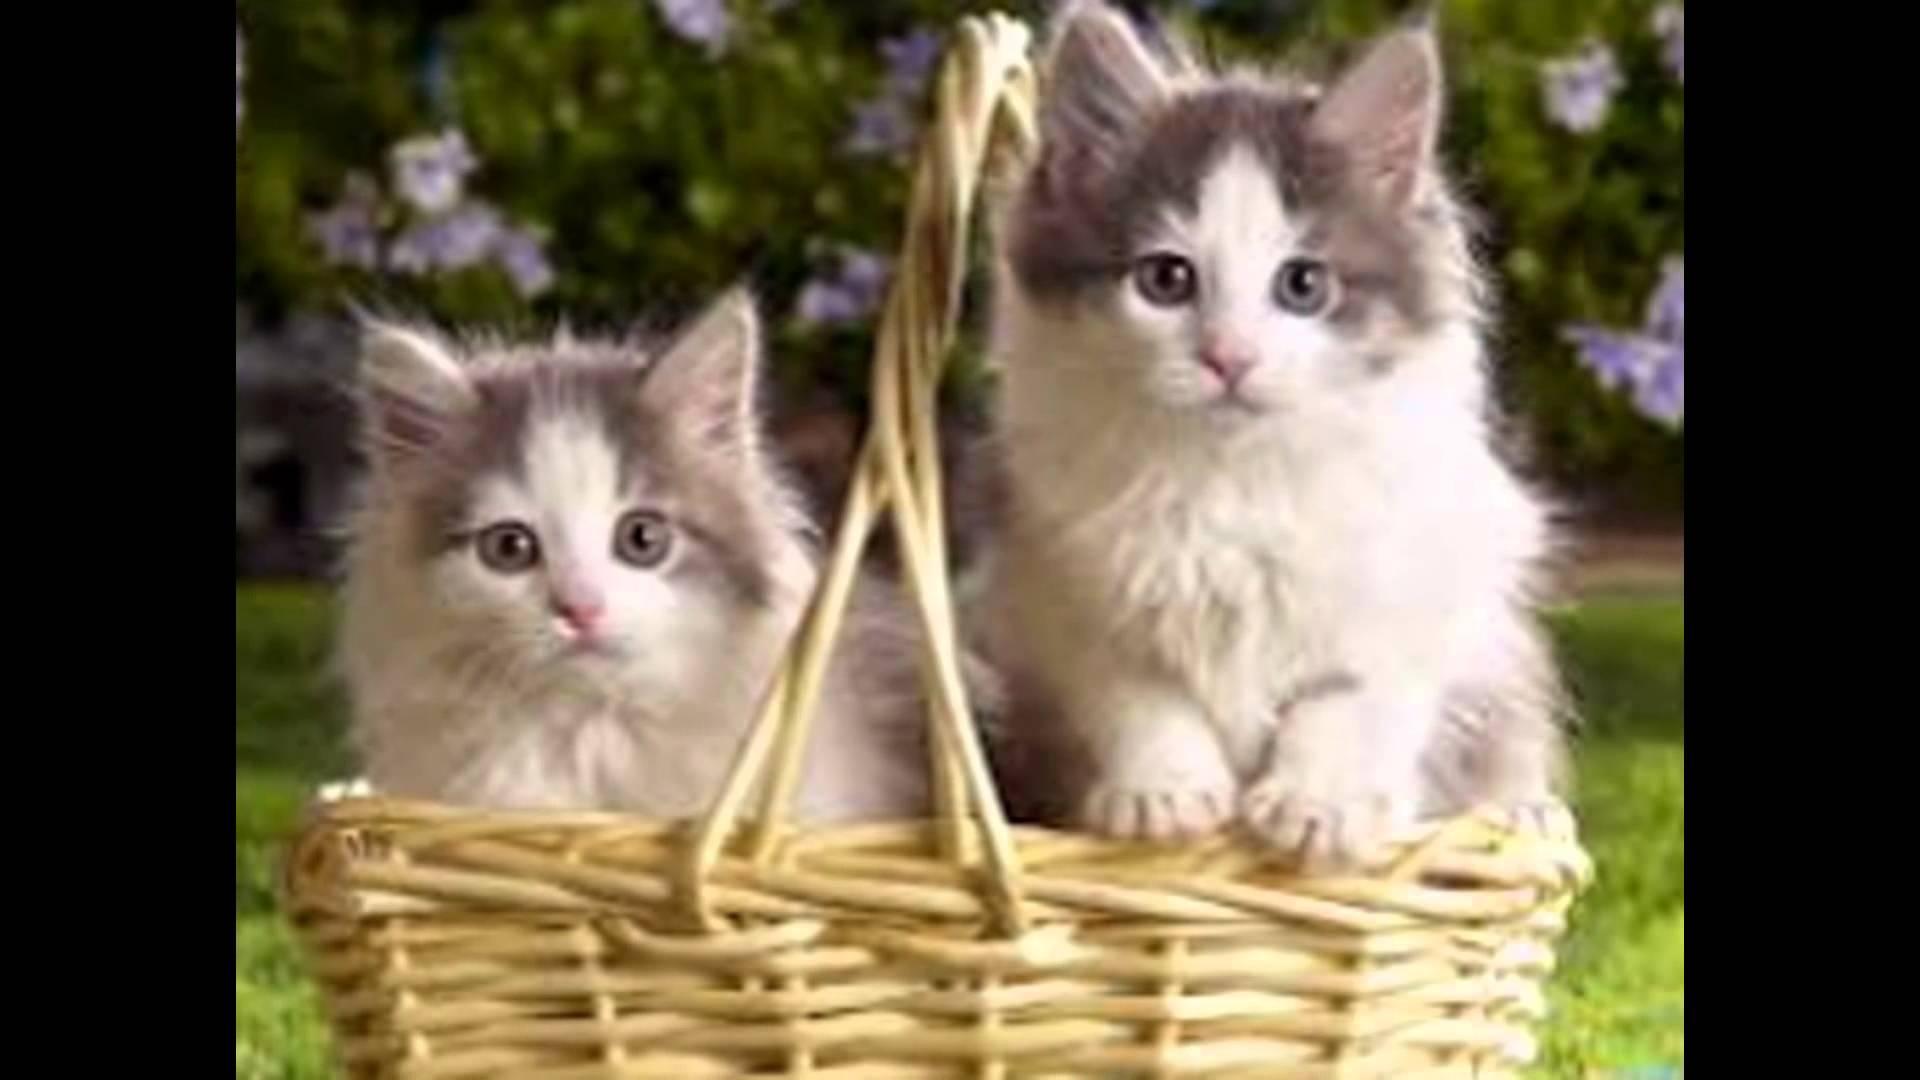 صورة اجمل الصور للقطط في العالم , لعشاق القطط اليك اجمل صور للقطط بجميع انواعها 1367 8